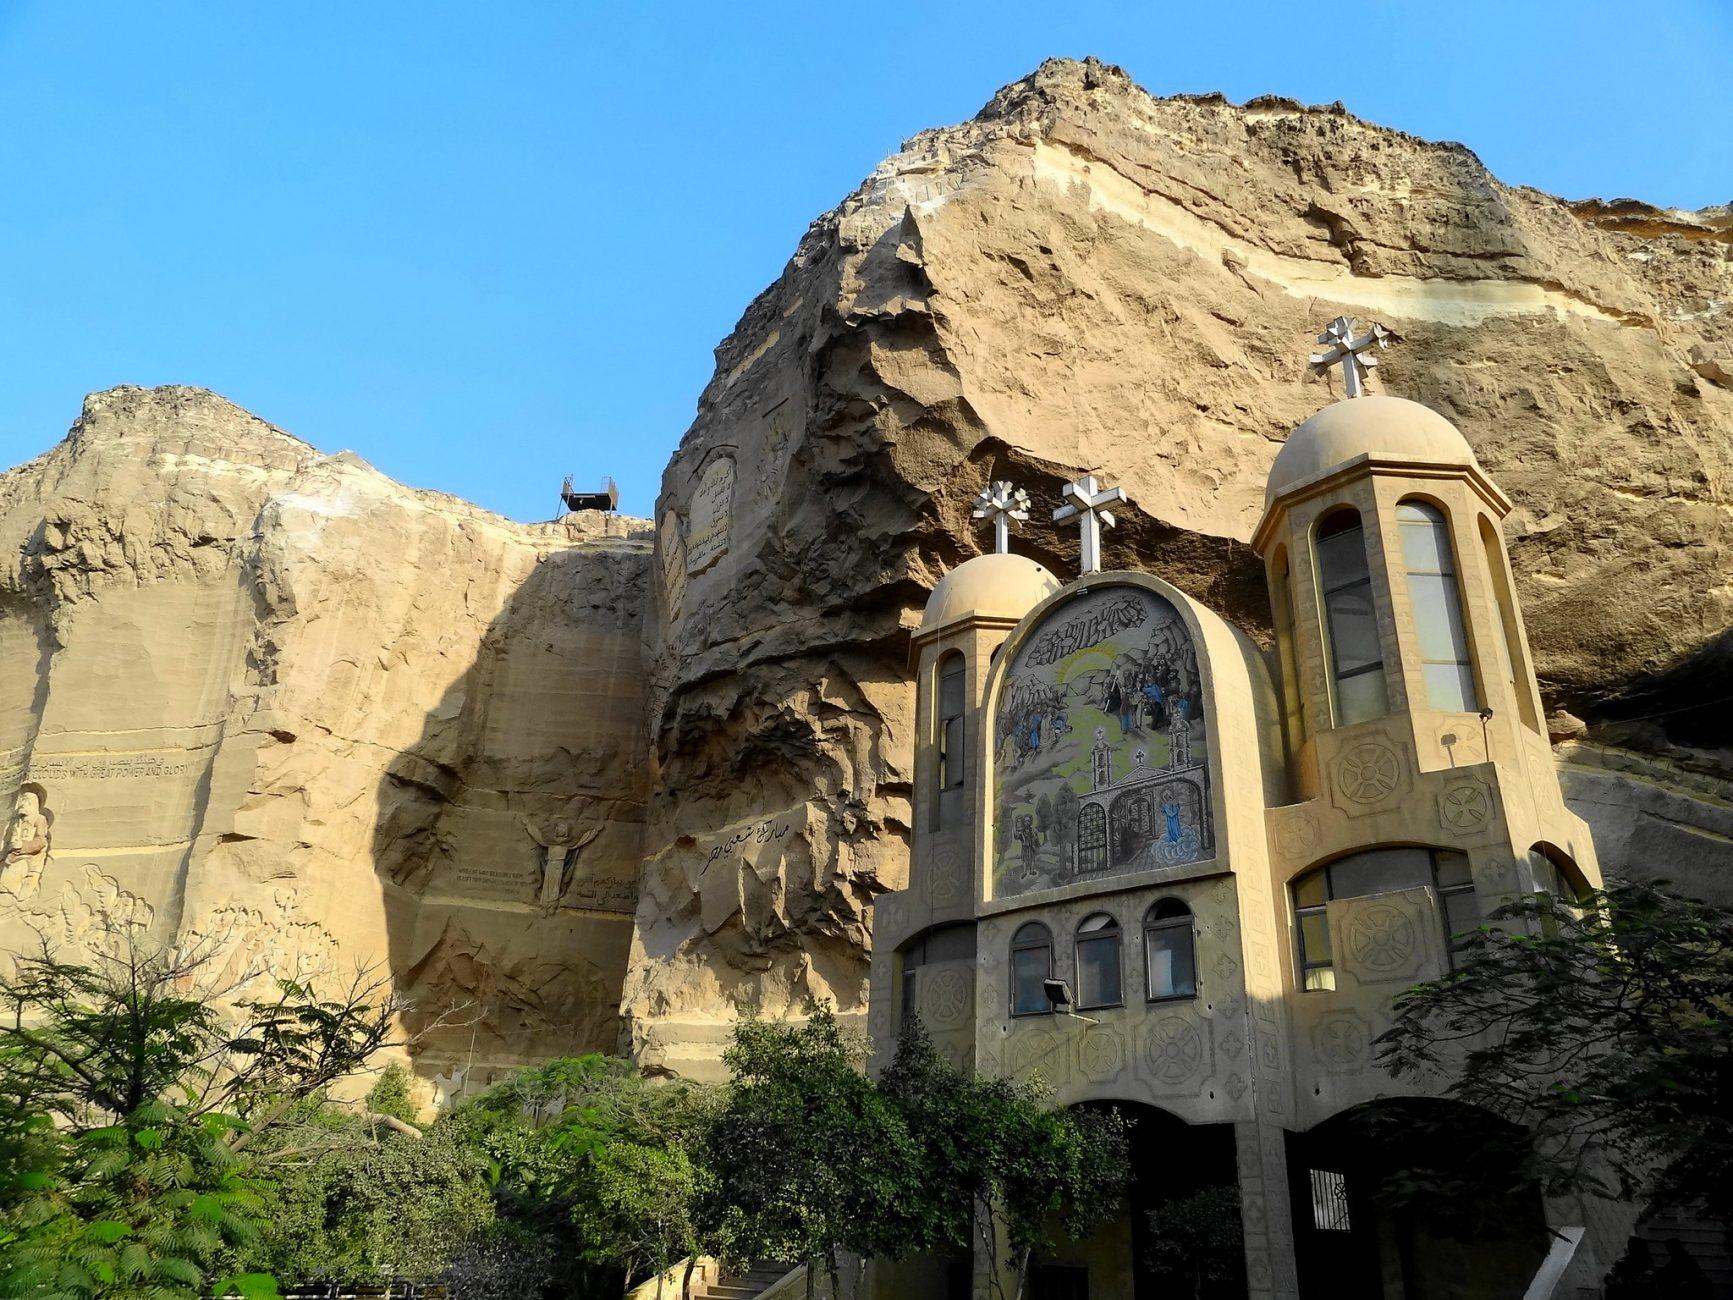 Monasterio de San Simón - La iglesia rupestre de los Zabbaleen en el Cairo